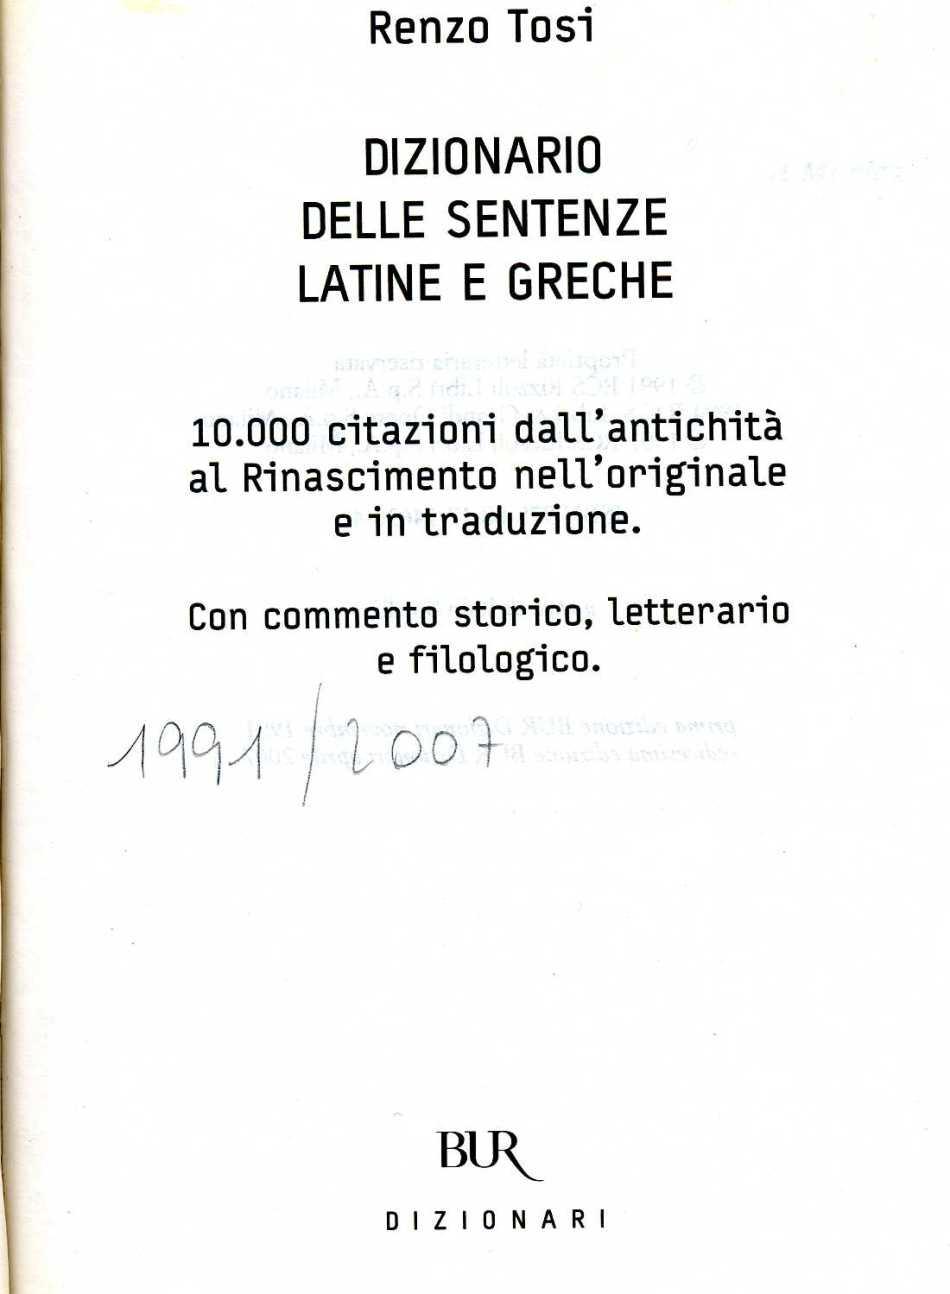 tosi662